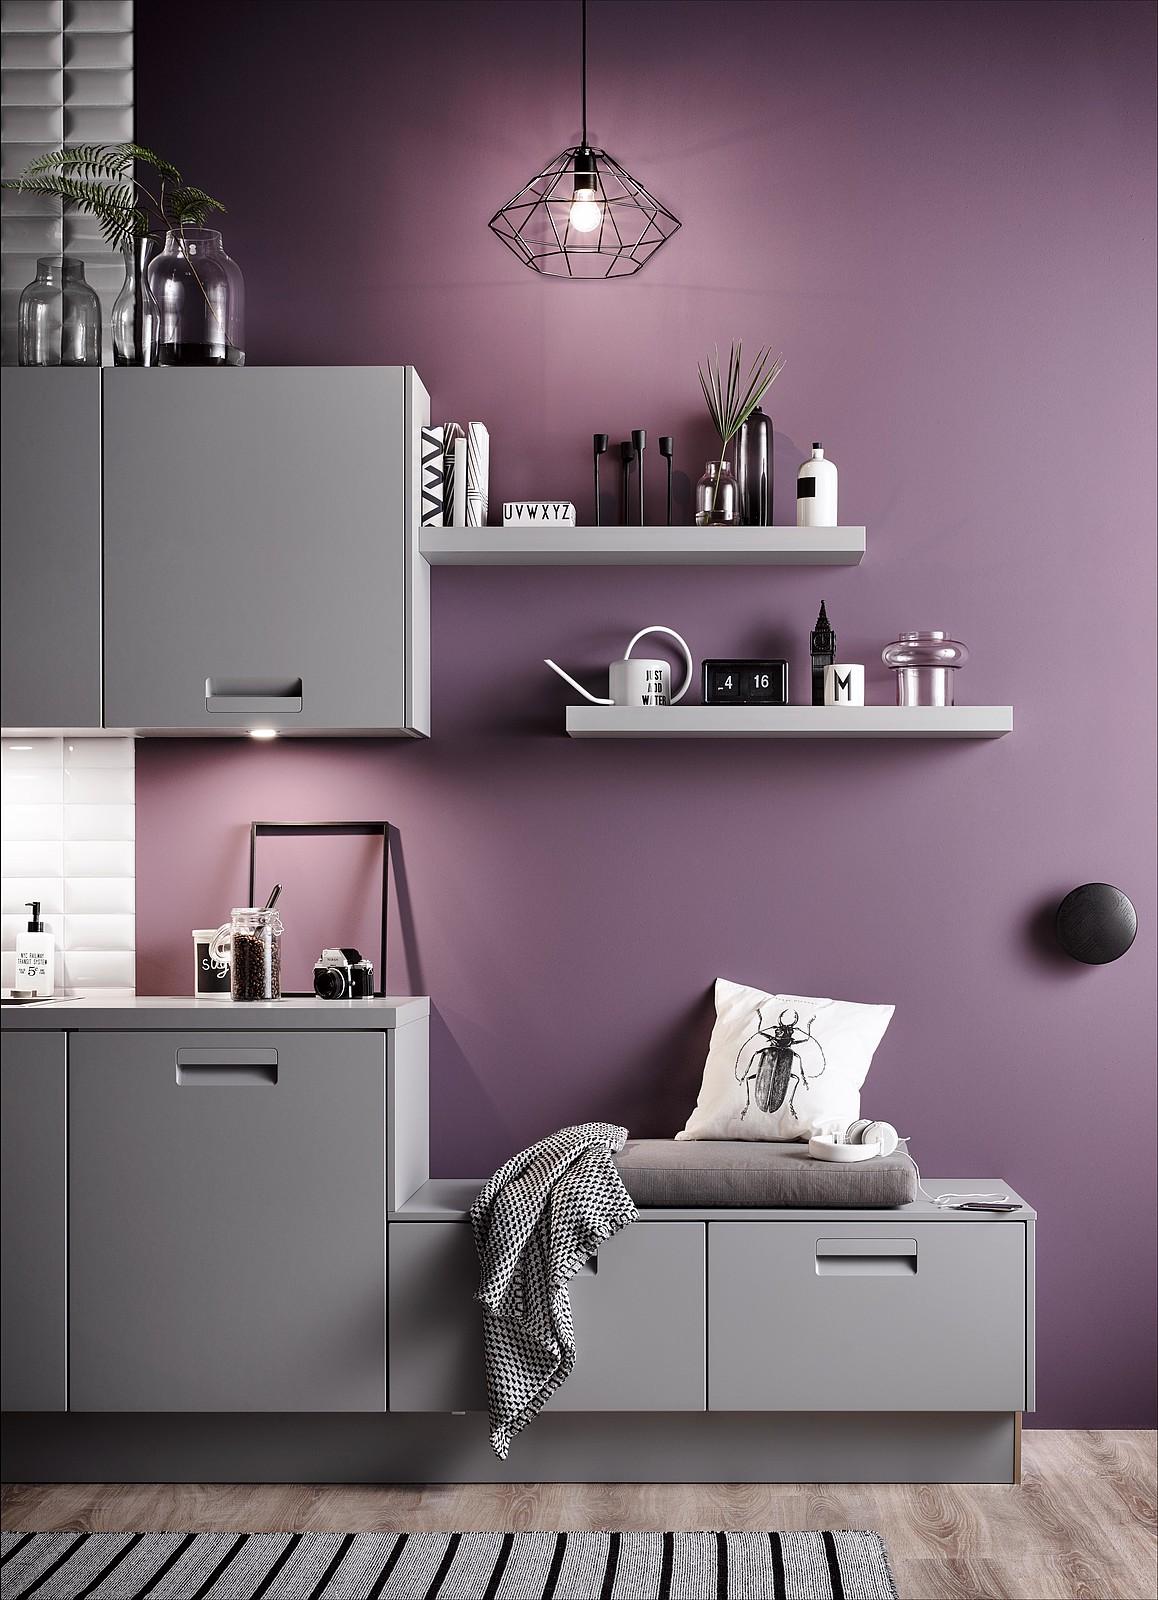 Full Size of Landhausküche Wandfarbe Kchenfarben Welche Farbe Passt Zu Wem Weiß Moderne Grau Weisse Gebraucht Wohnzimmer Landhausküche Wandfarbe